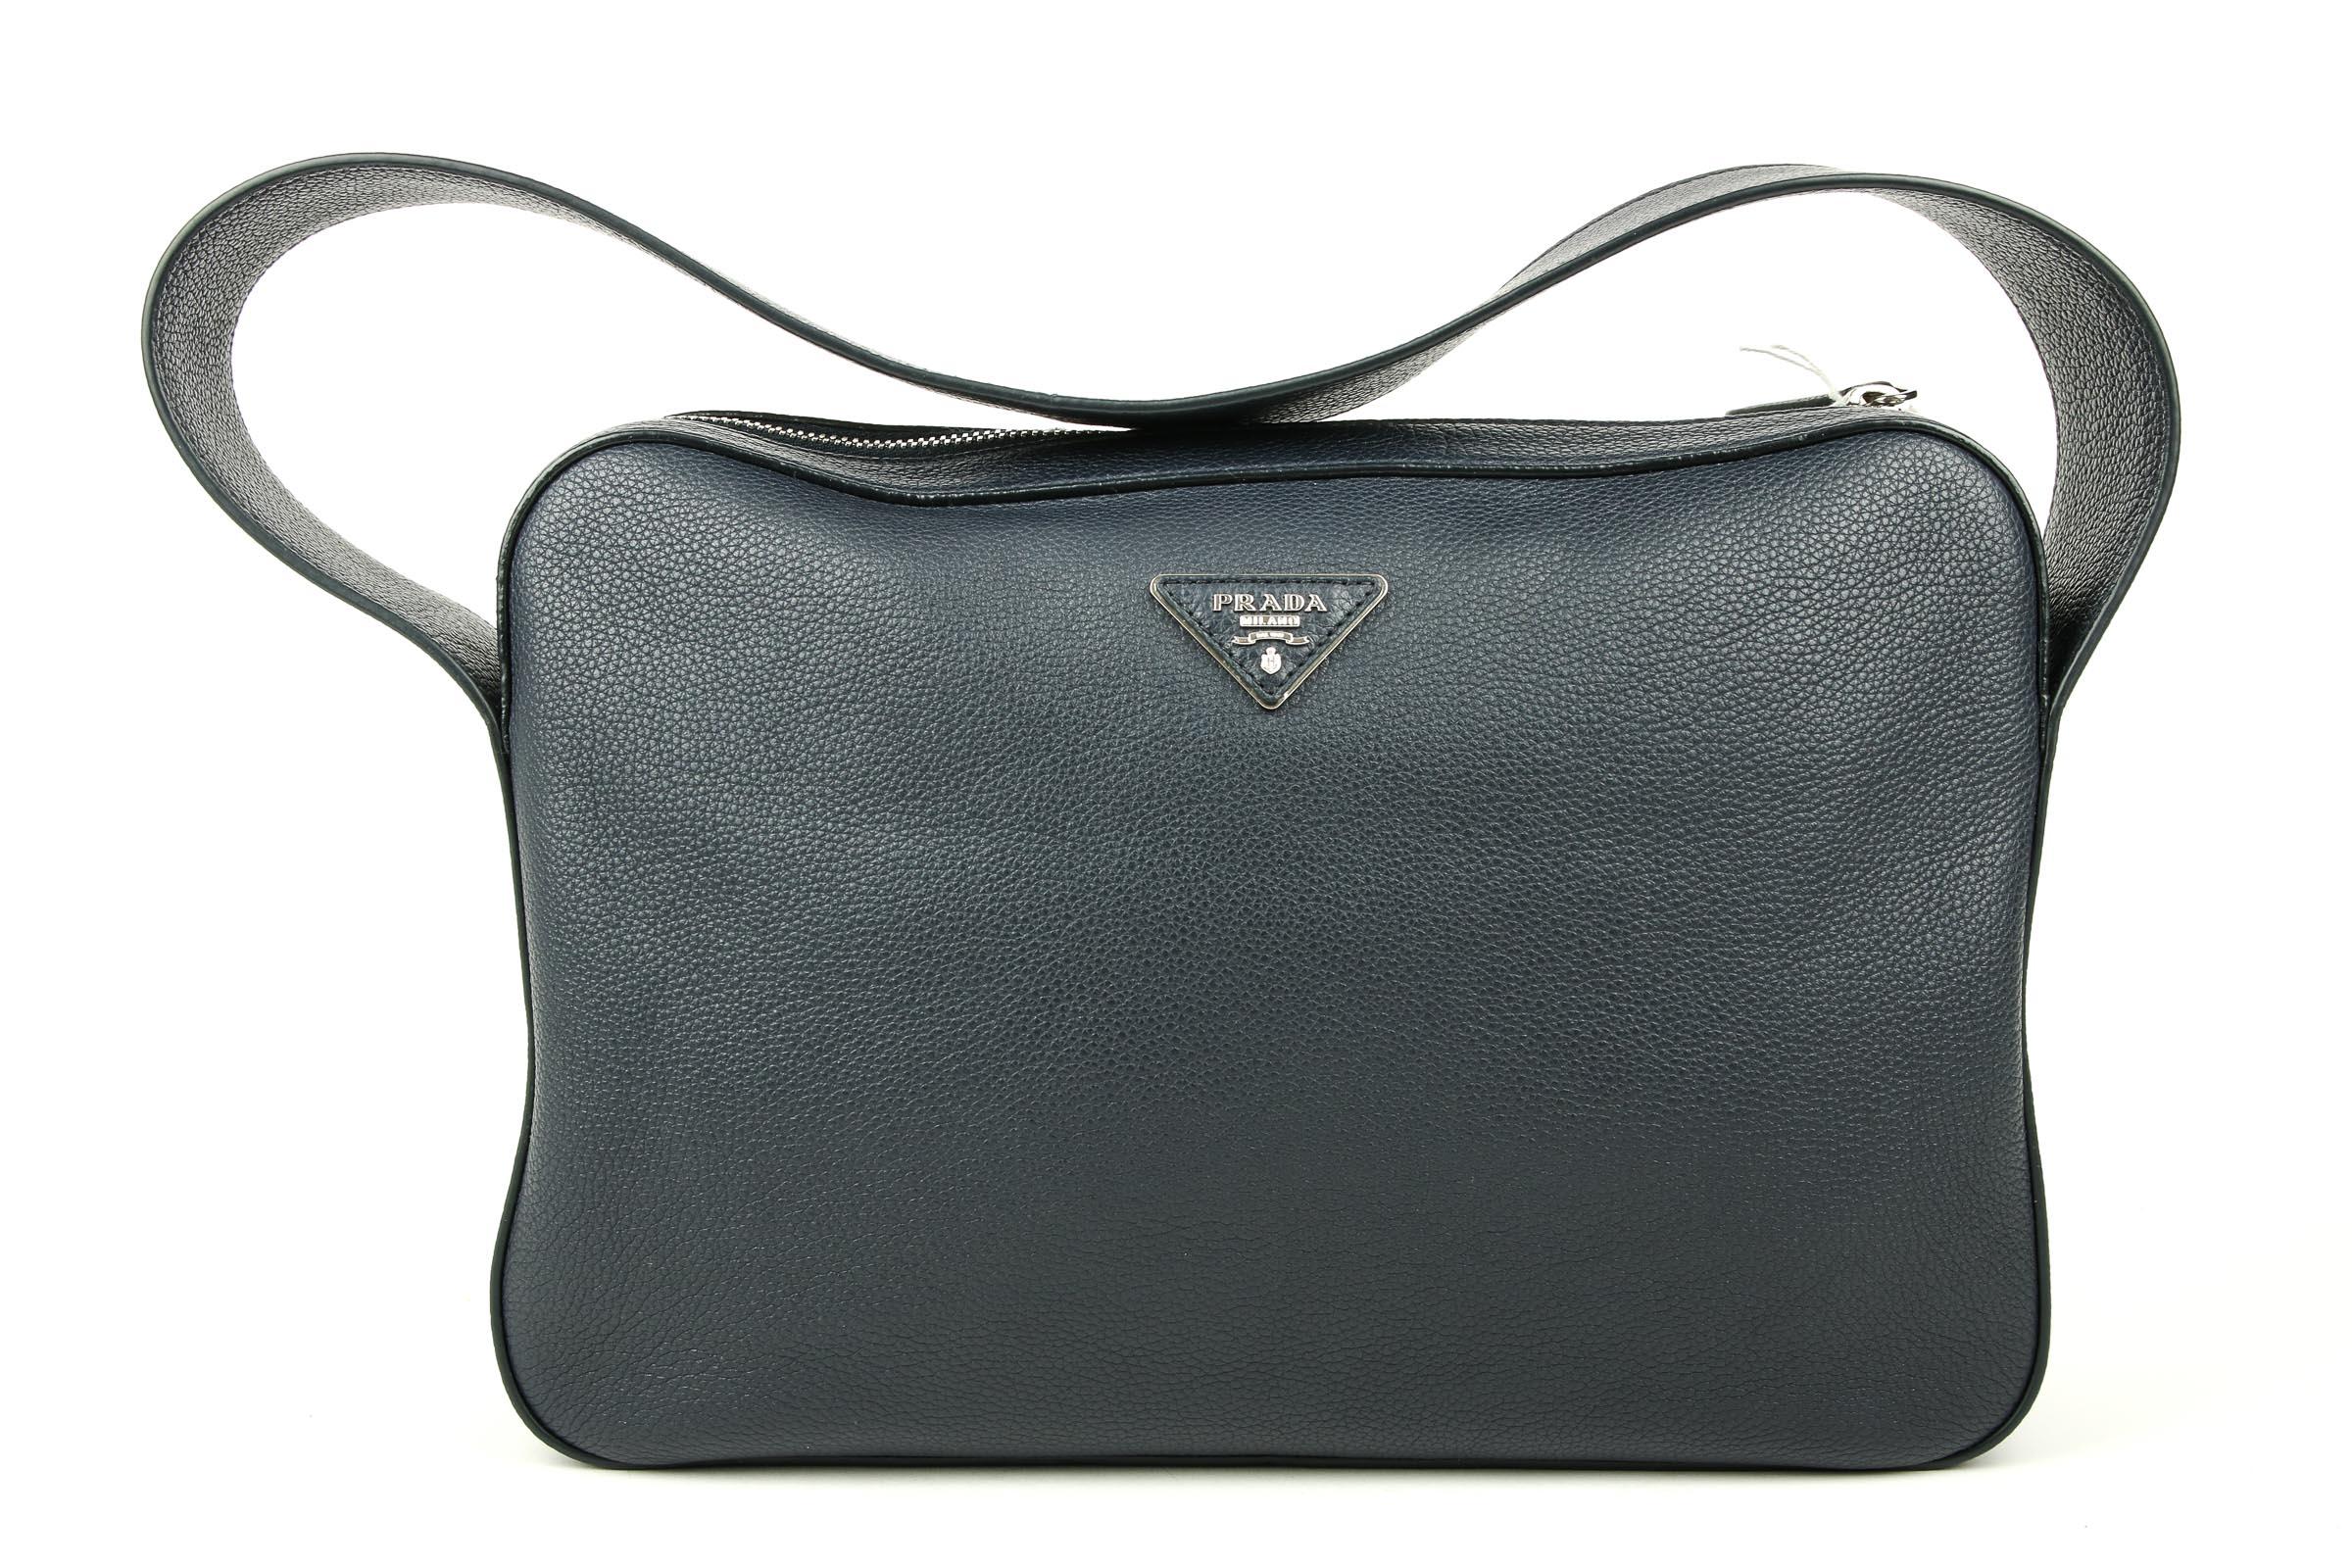 407e2587b6bcf Vorschau  Prada Vitello Daino Shoulder Bag in Baltico Blue. Vorschau  Prada  Vitello Daino Shoulder Bag in Baltico Blue